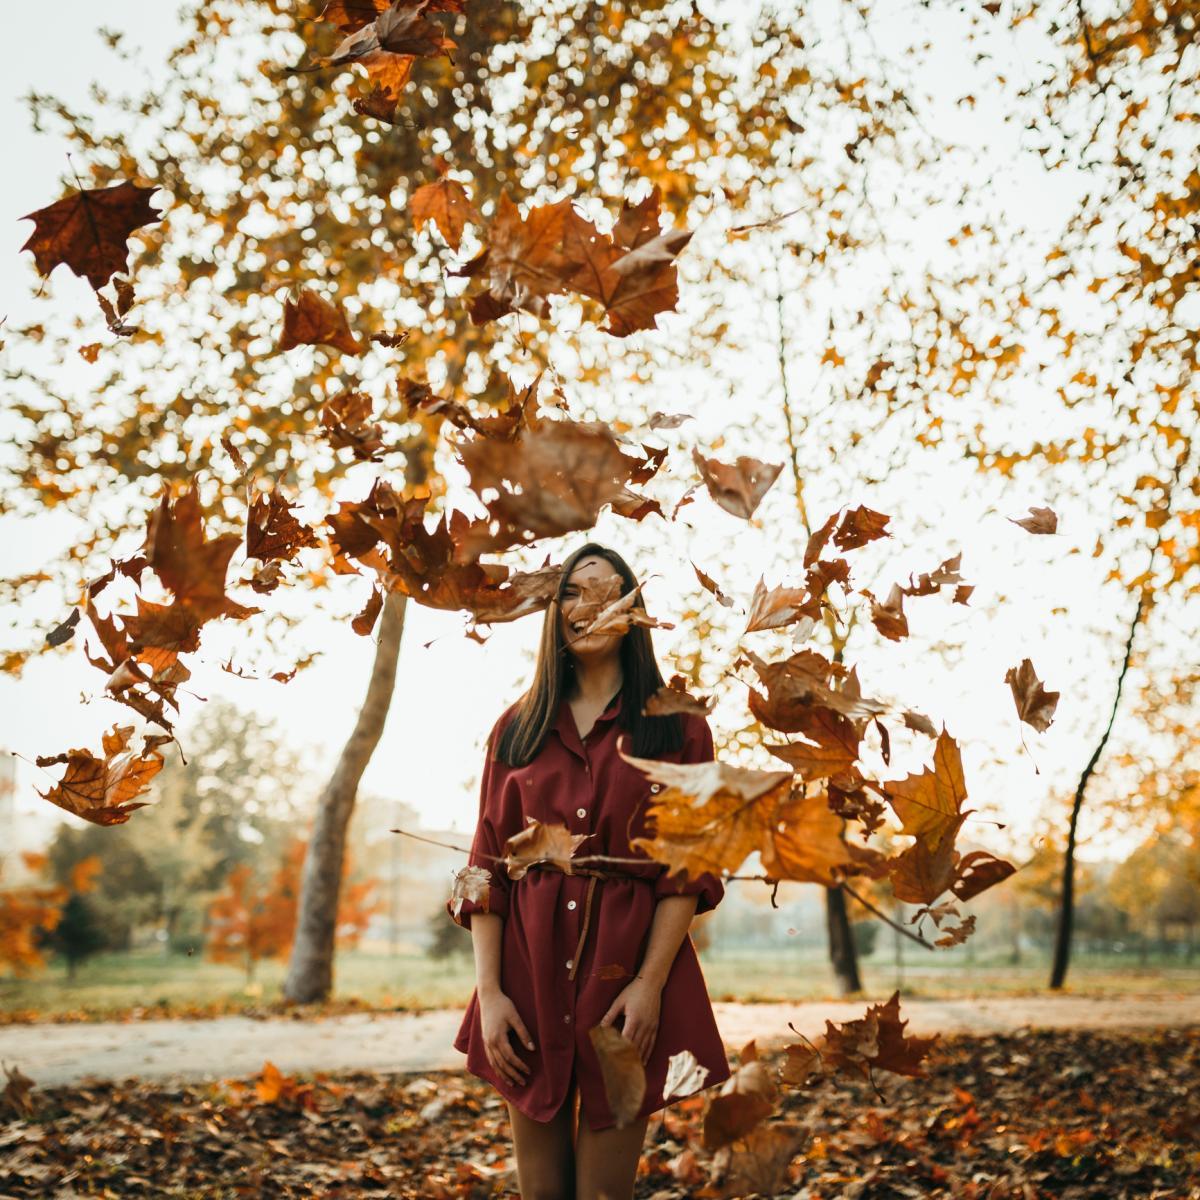 U četvrtak uz Jutarnji list potražite novi broj magazina za ljepotu i zdrav život.